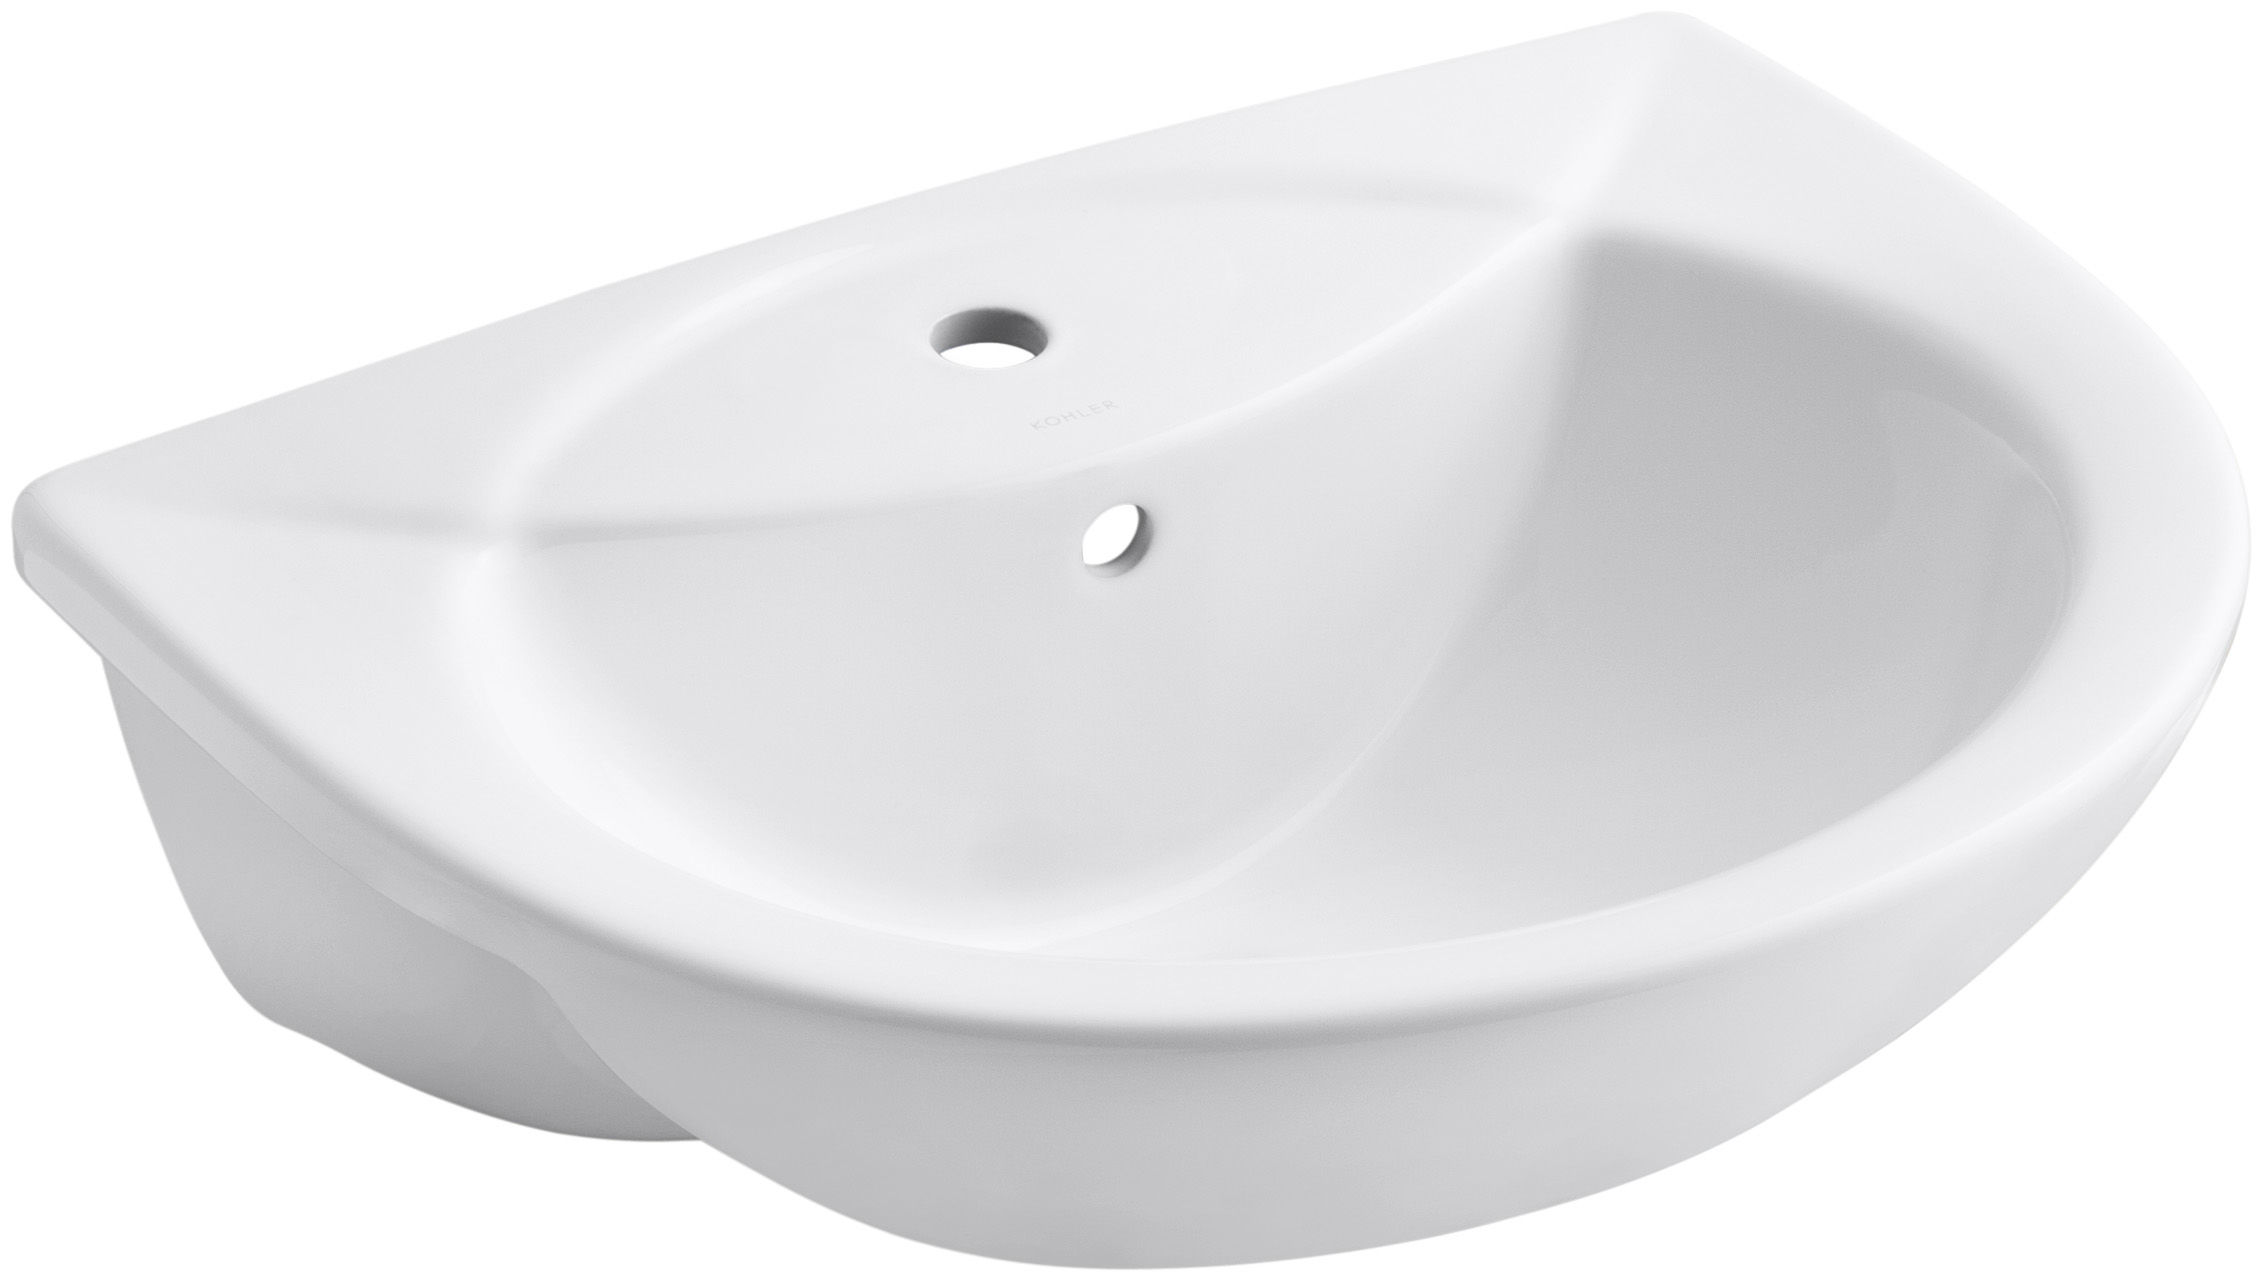 Kohler K-11160-1-0 White Odeon 18-1/2\